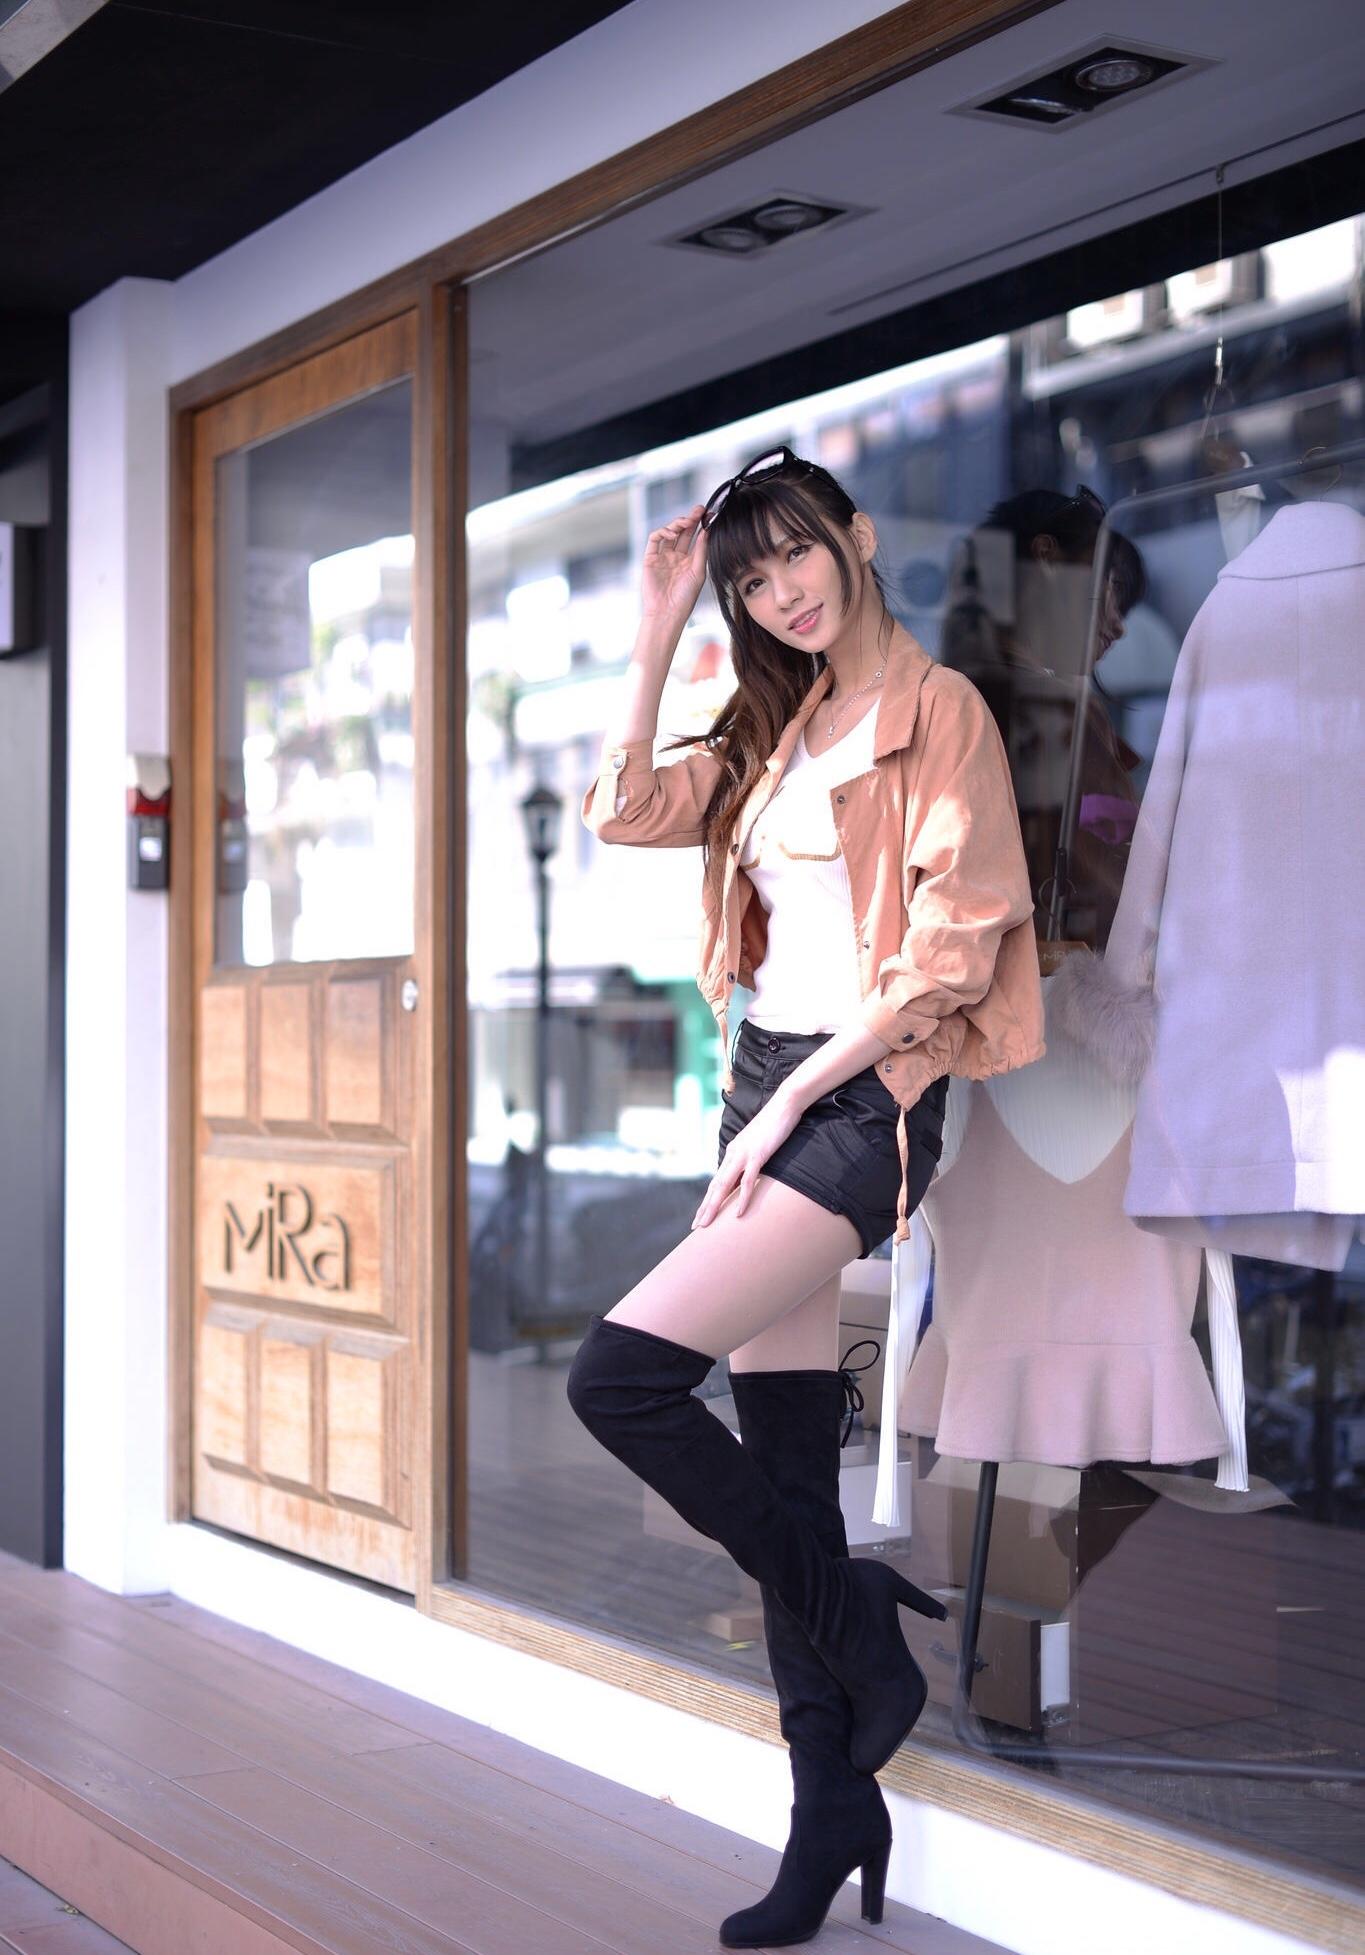 ニーハイブーツを履いた台湾美女Candice 11